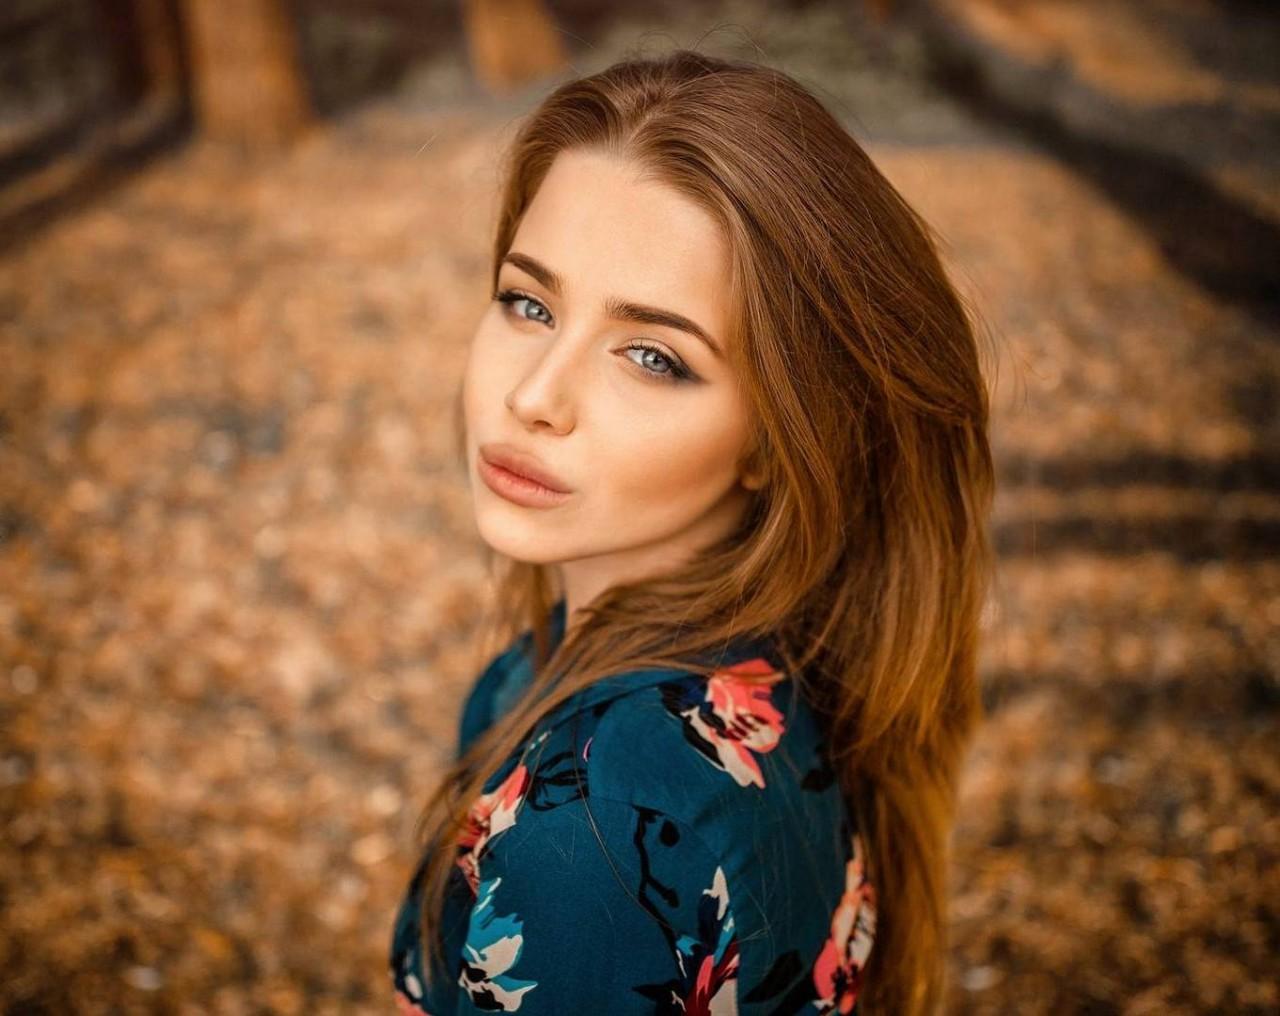 Фото красивых девушек портретное фото